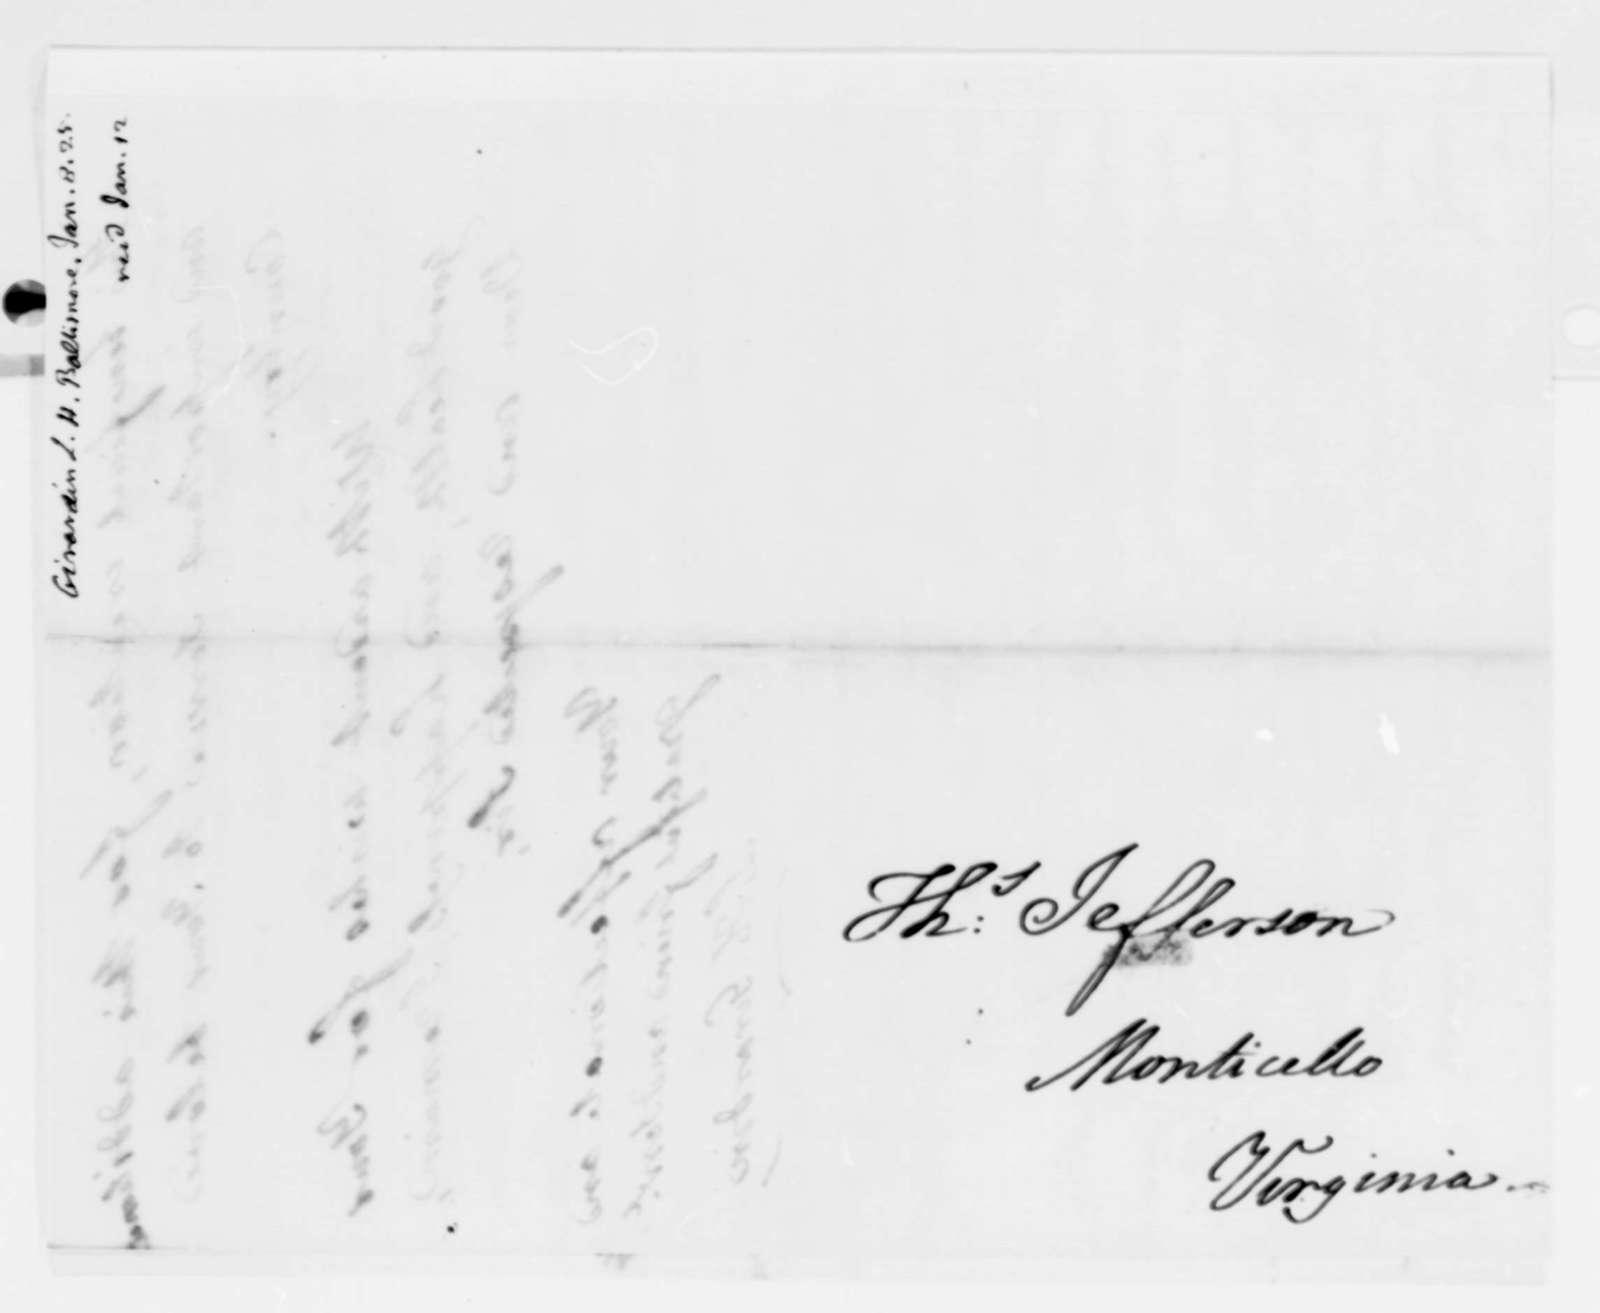 Louis H. Girardin to Thomas Jefferson, January 8, 1825